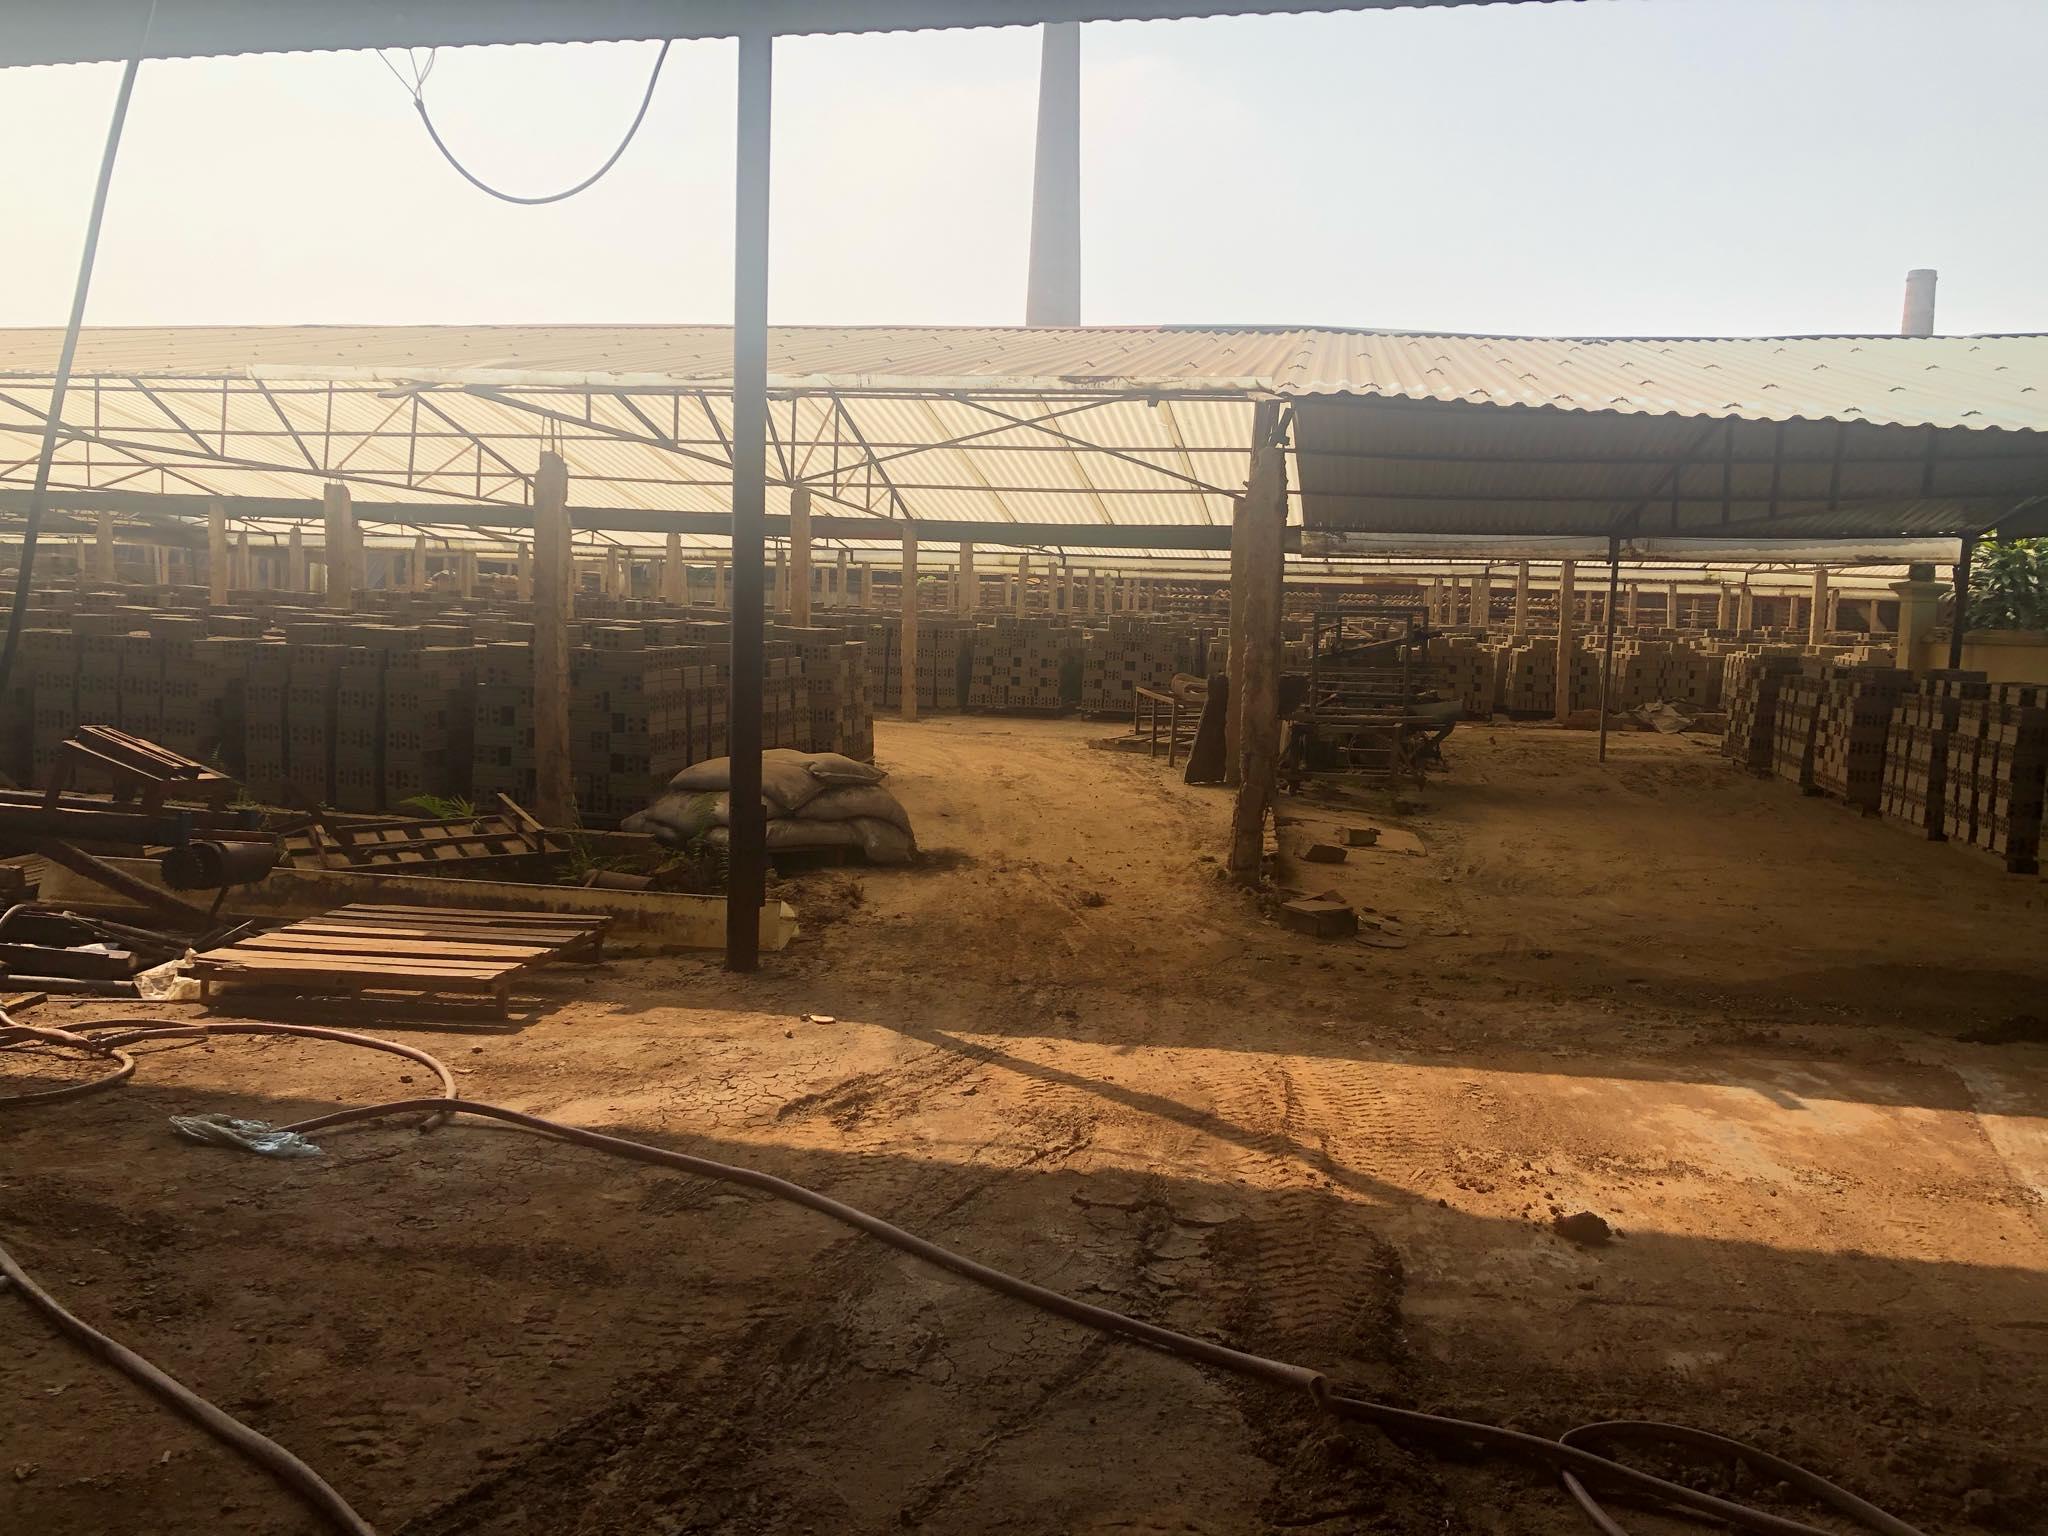 8 Bán nhà máy gạch tại xã Kinh Kệ,Lâm Thao,Phú Thọ 5,6 ha,dây chuyền,nhân công có sẵn